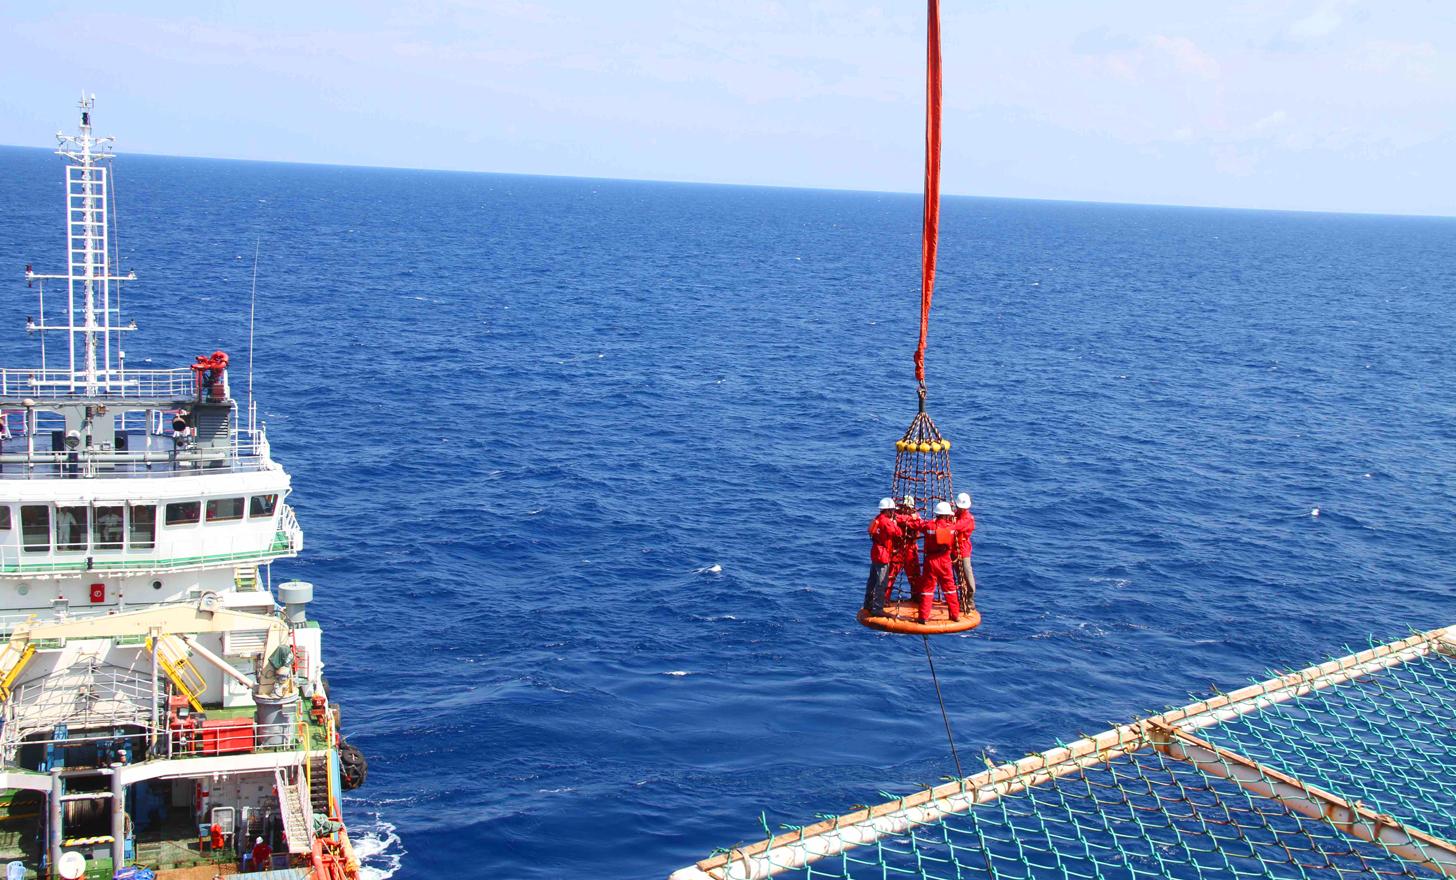 Cung cấp dịch vụ ngoài khơi cho ngành dầu khí